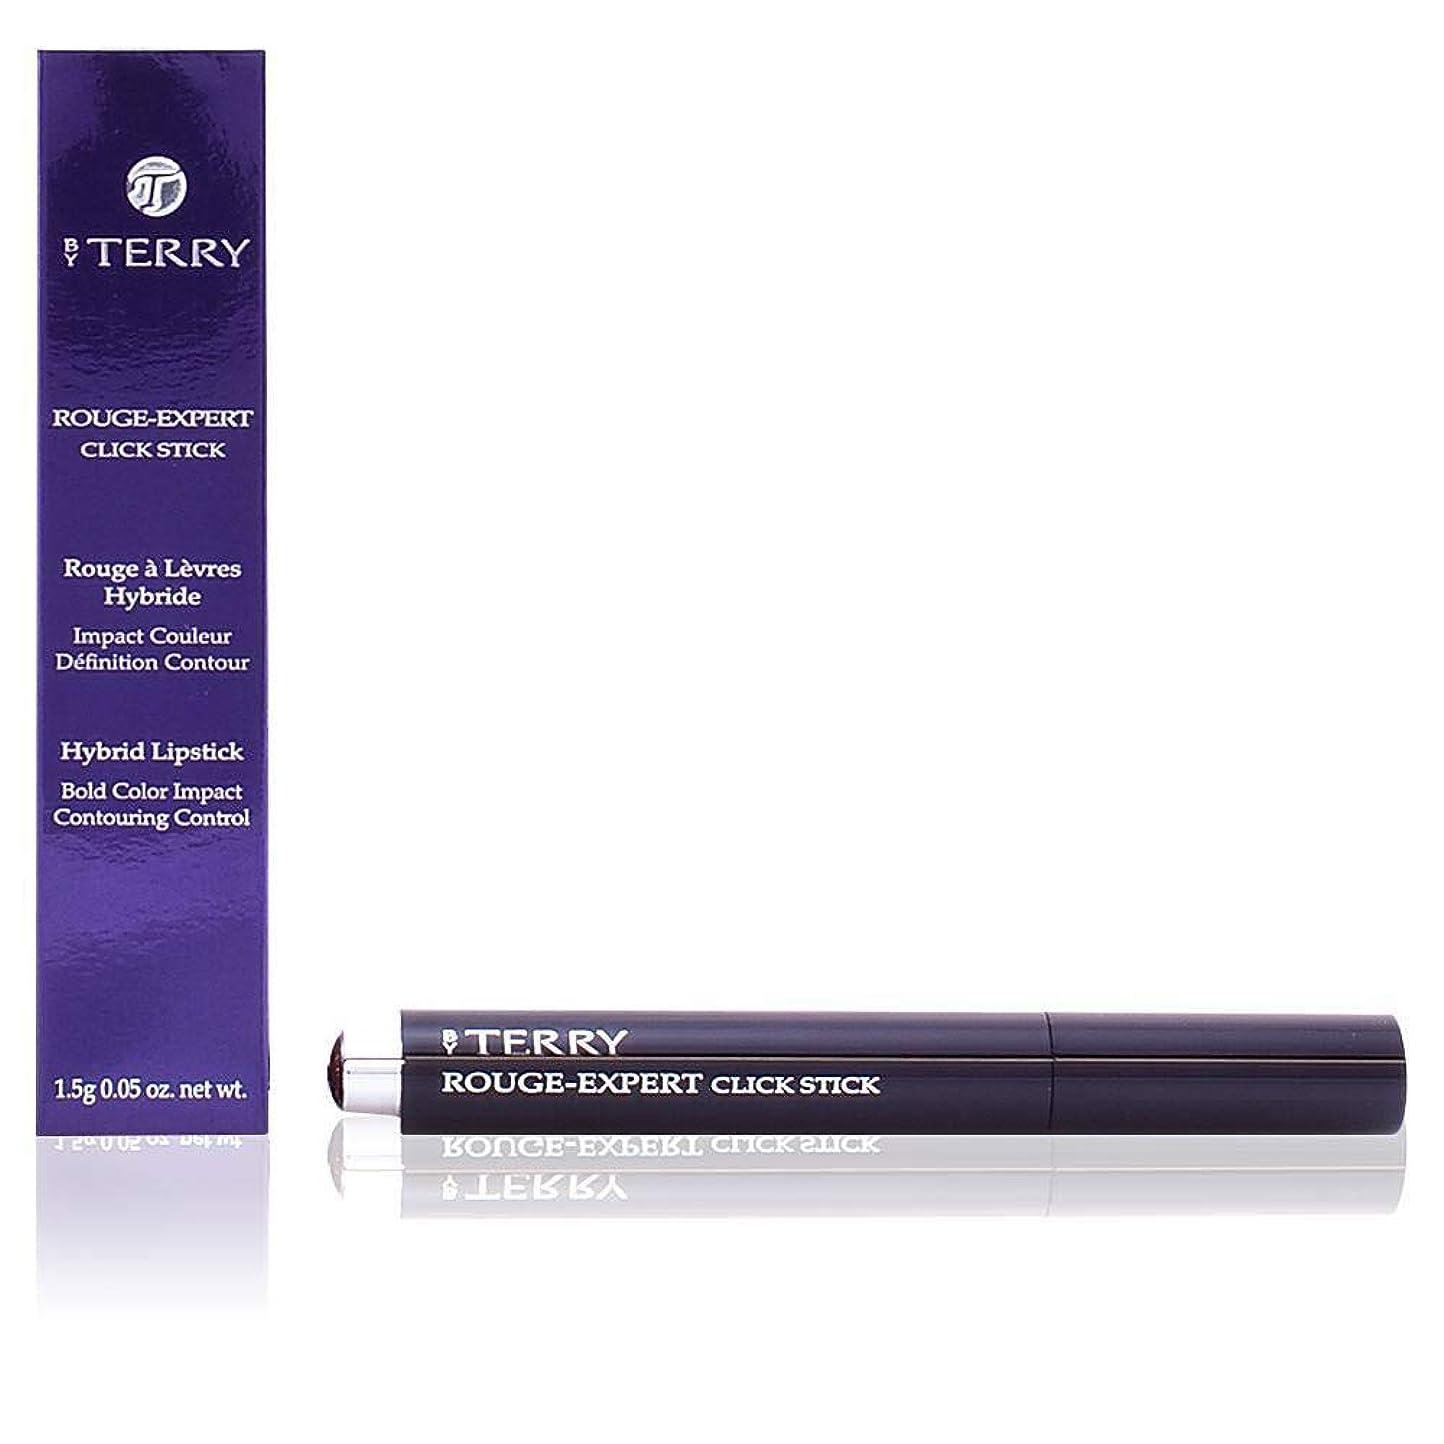 テロリストバイナリ息切れバイテリー Rouge Expert Click Stick Hybrid Lipstick - # 13 Chilly Cream 1.5g/0.05oz並行輸入品